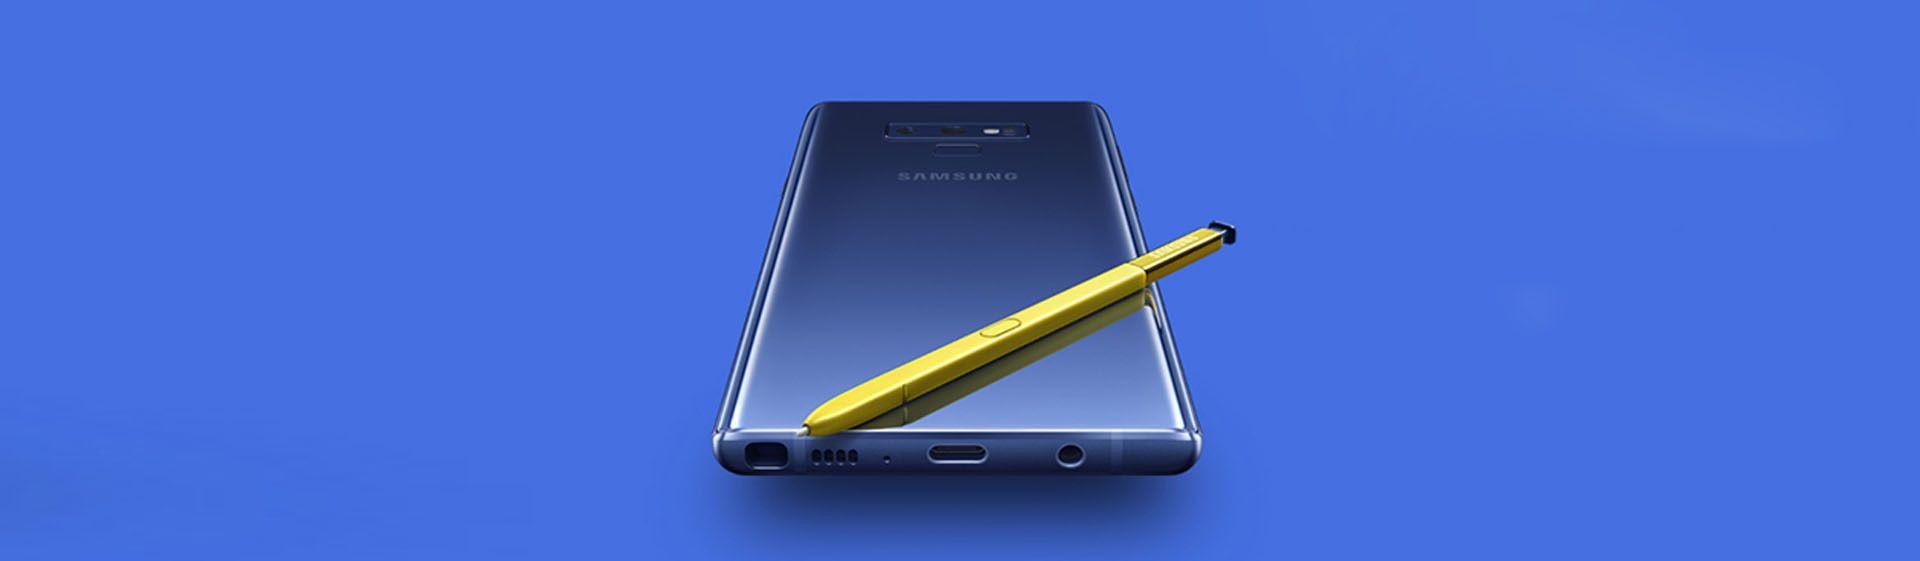 Melhor celular Samsung: qual modelo comprar em 2019?